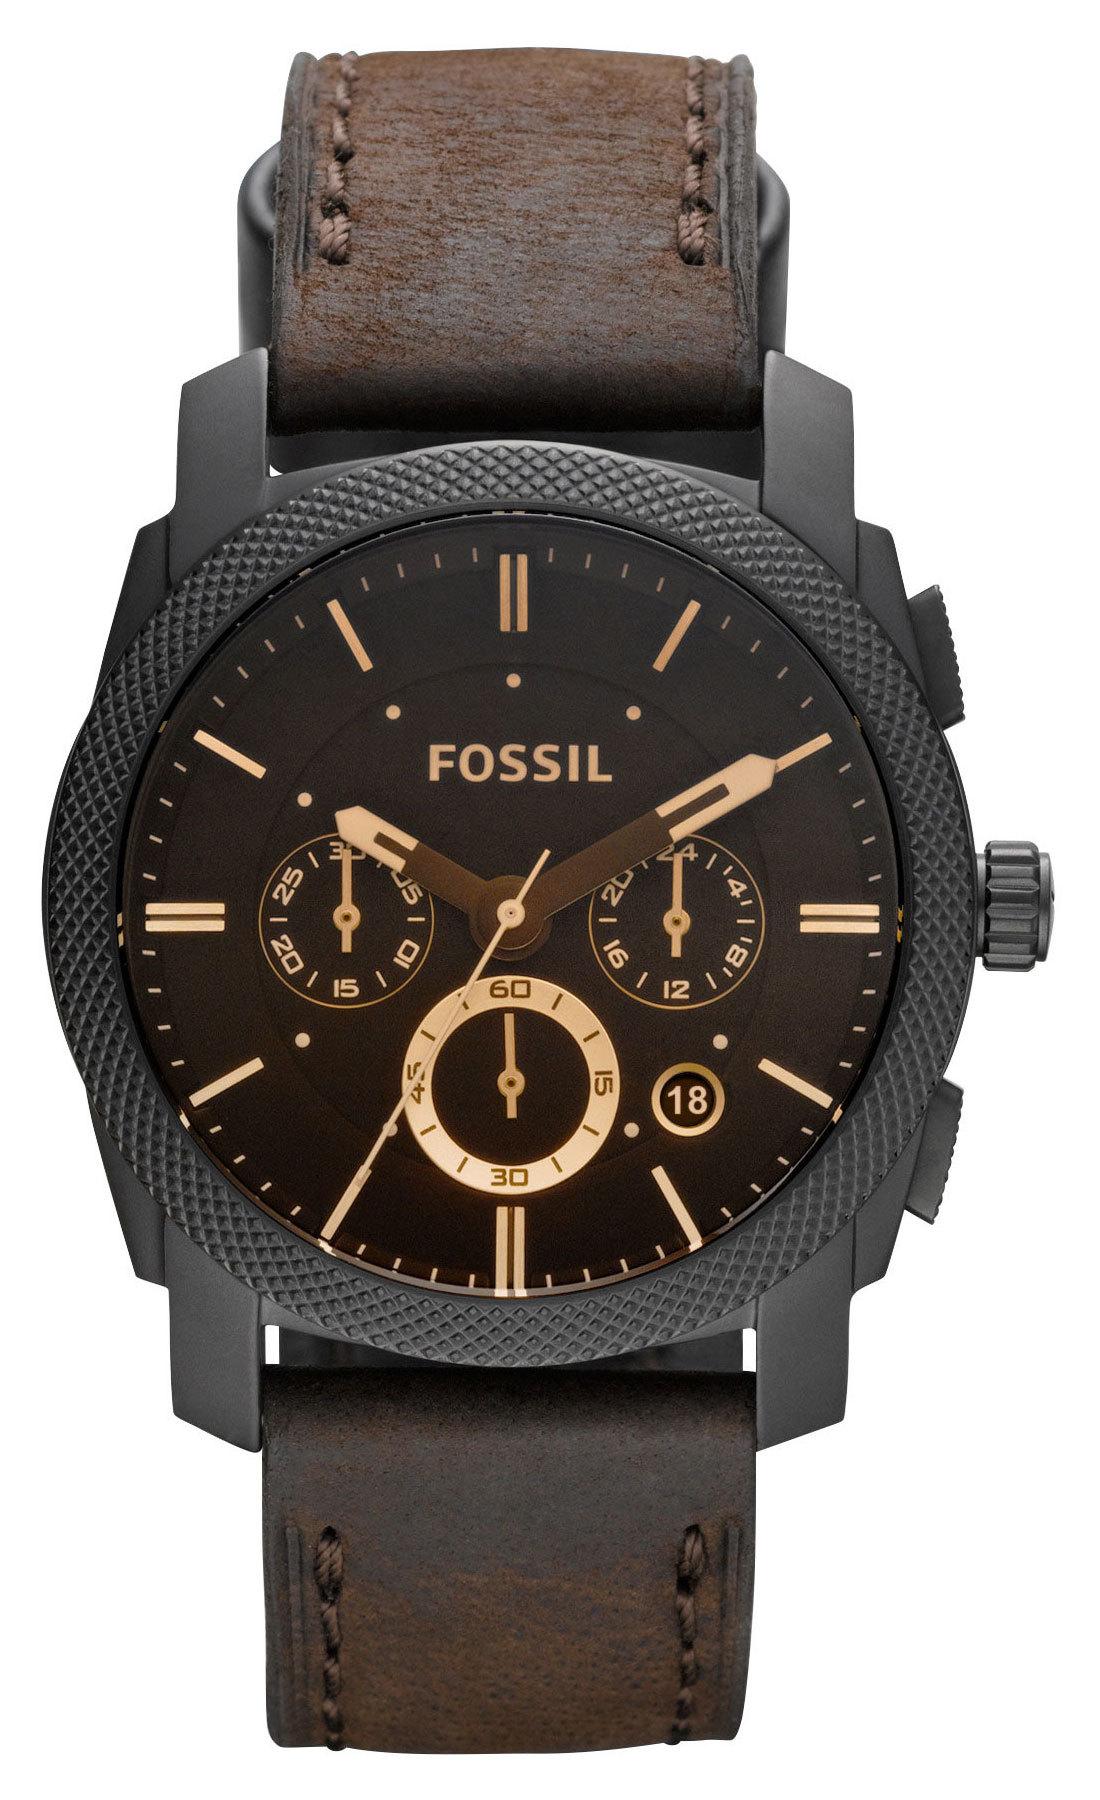 Fossil FS4656 - мужские наручные часы из коллекции FashionFossil<br><br><br>Бренд: Fossil<br>Модель: Fossil FS4656<br>Артикул: FS4656<br>Вариант артикула: None<br>Коллекция: Fashion<br>Подколлекция: None<br>Страна: США<br>Пол: мужские<br>Тип механизма: кварцевые<br>Механизм: None<br>Количество камней: None<br>Автоподзавод: None<br>Источник энергии: от батарейки<br>Срок службы элемента питания: None<br>Дисплей: стрелки<br>Цифры: отсутствуют<br>Водозащита: WR 50<br>Противоударные: None<br>Материал корпуса: нерж. сталь, PVD покрытие (полное)<br>Материал браслета: кожа<br>Материал безеля: None<br>Стекло: минеральное<br>Антибликовое покрытие: None<br>Цвет корпуса: None<br>Цвет браслета: None<br>Цвет циферблата: None<br>Цвет безеля: None<br>Размеры: 42x12 мм<br>Диаметр: None<br>Диаметр корпуса: None<br>Толщина: None<br>Ширина ремешка: None<br>Вес: None<br>Спорт-функции: секундомер<br>Подсветка: None<br>Вставка: None<br>Отображение даты: число<br>Хронограф: есть<br>Таймер: None<br>Термометр: None<br>Хронометр: None<br>GPS: None<br>Радиосинхронизация: None<br>Барометр: None<br>Скелетон: None<br>Дополнительная информация: None<br>Дополнительные функции: None